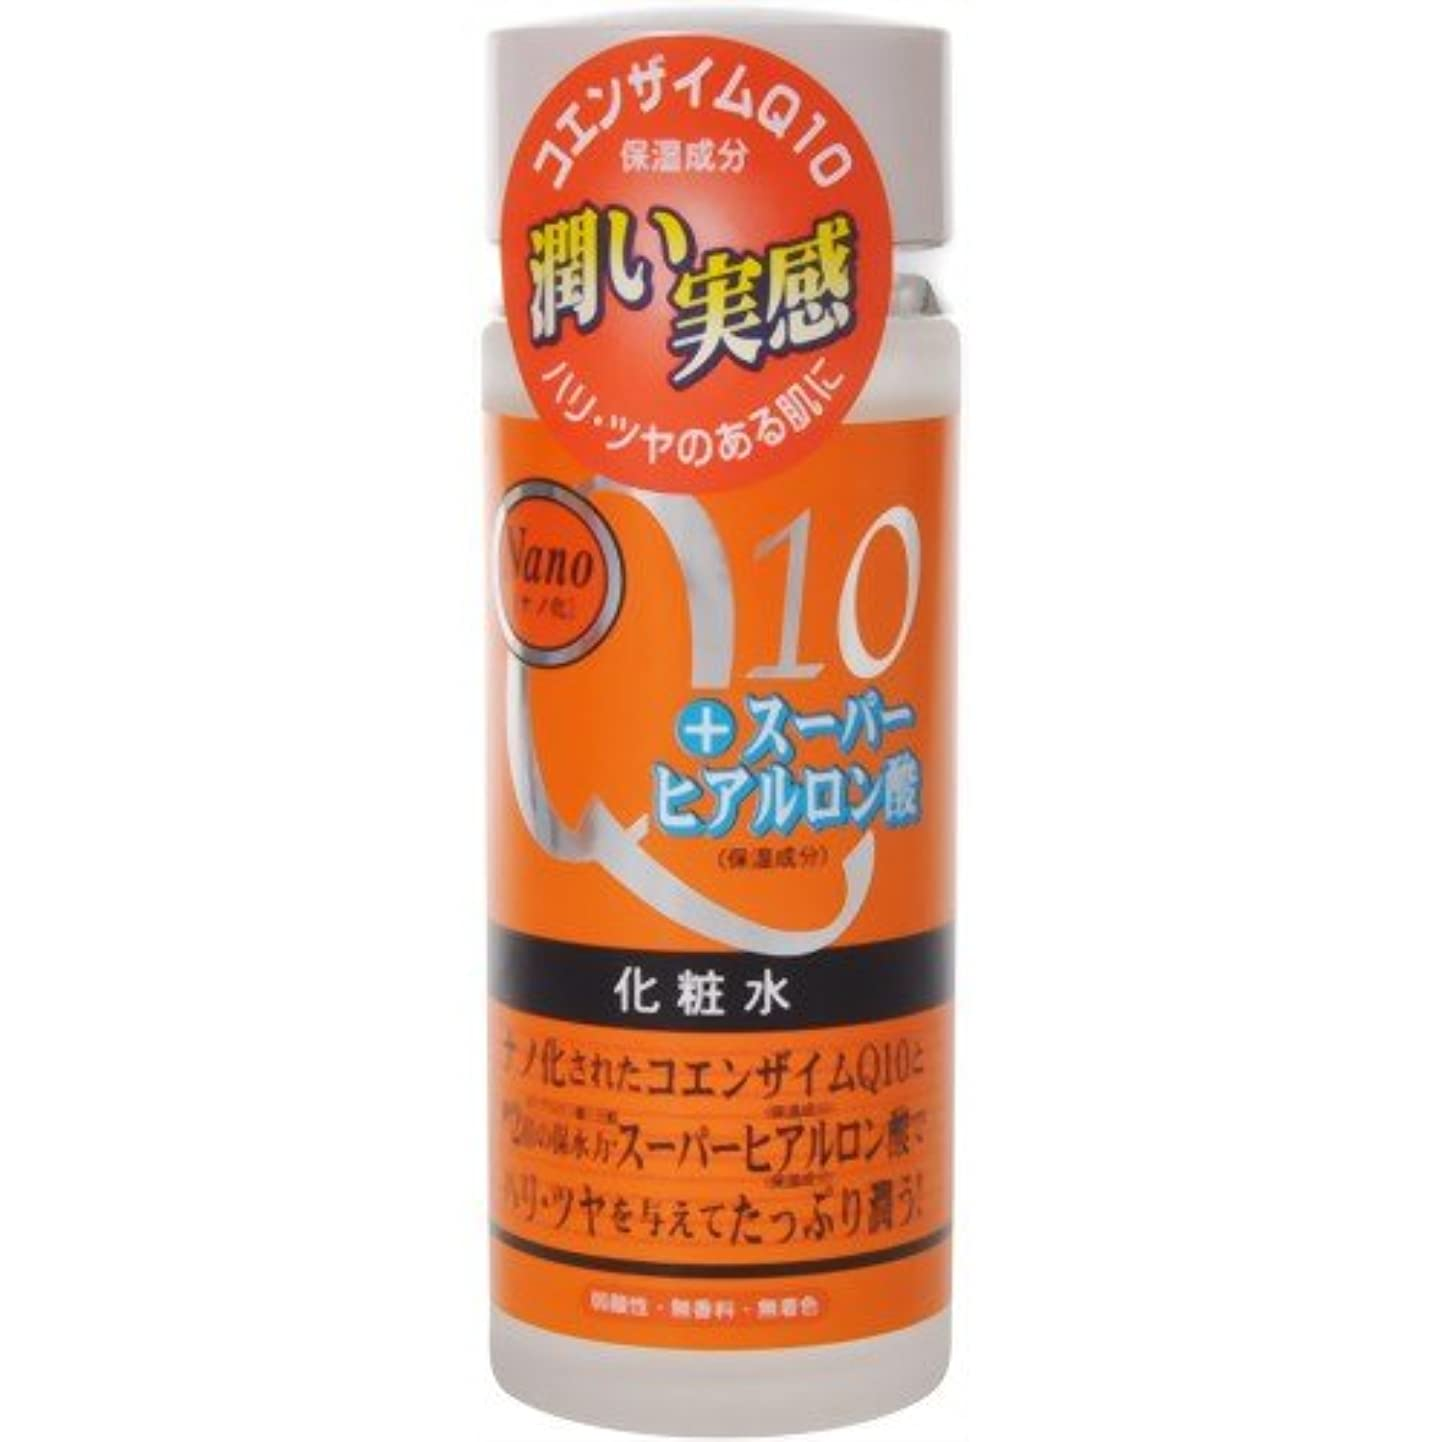 ファセット騒乱波紋ナノ化?コエンザイムQ10&スーパーヒアルロン酸化粧水 120ml